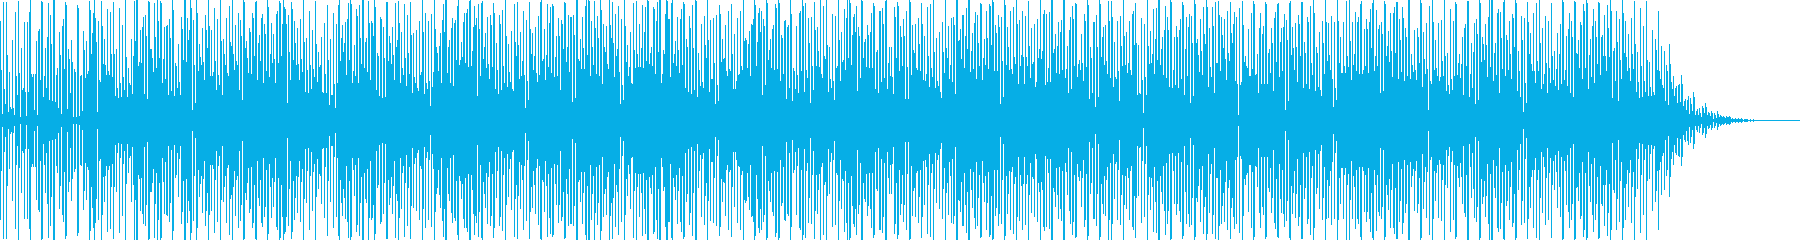 ヒップホップジャズの再生済みの波形